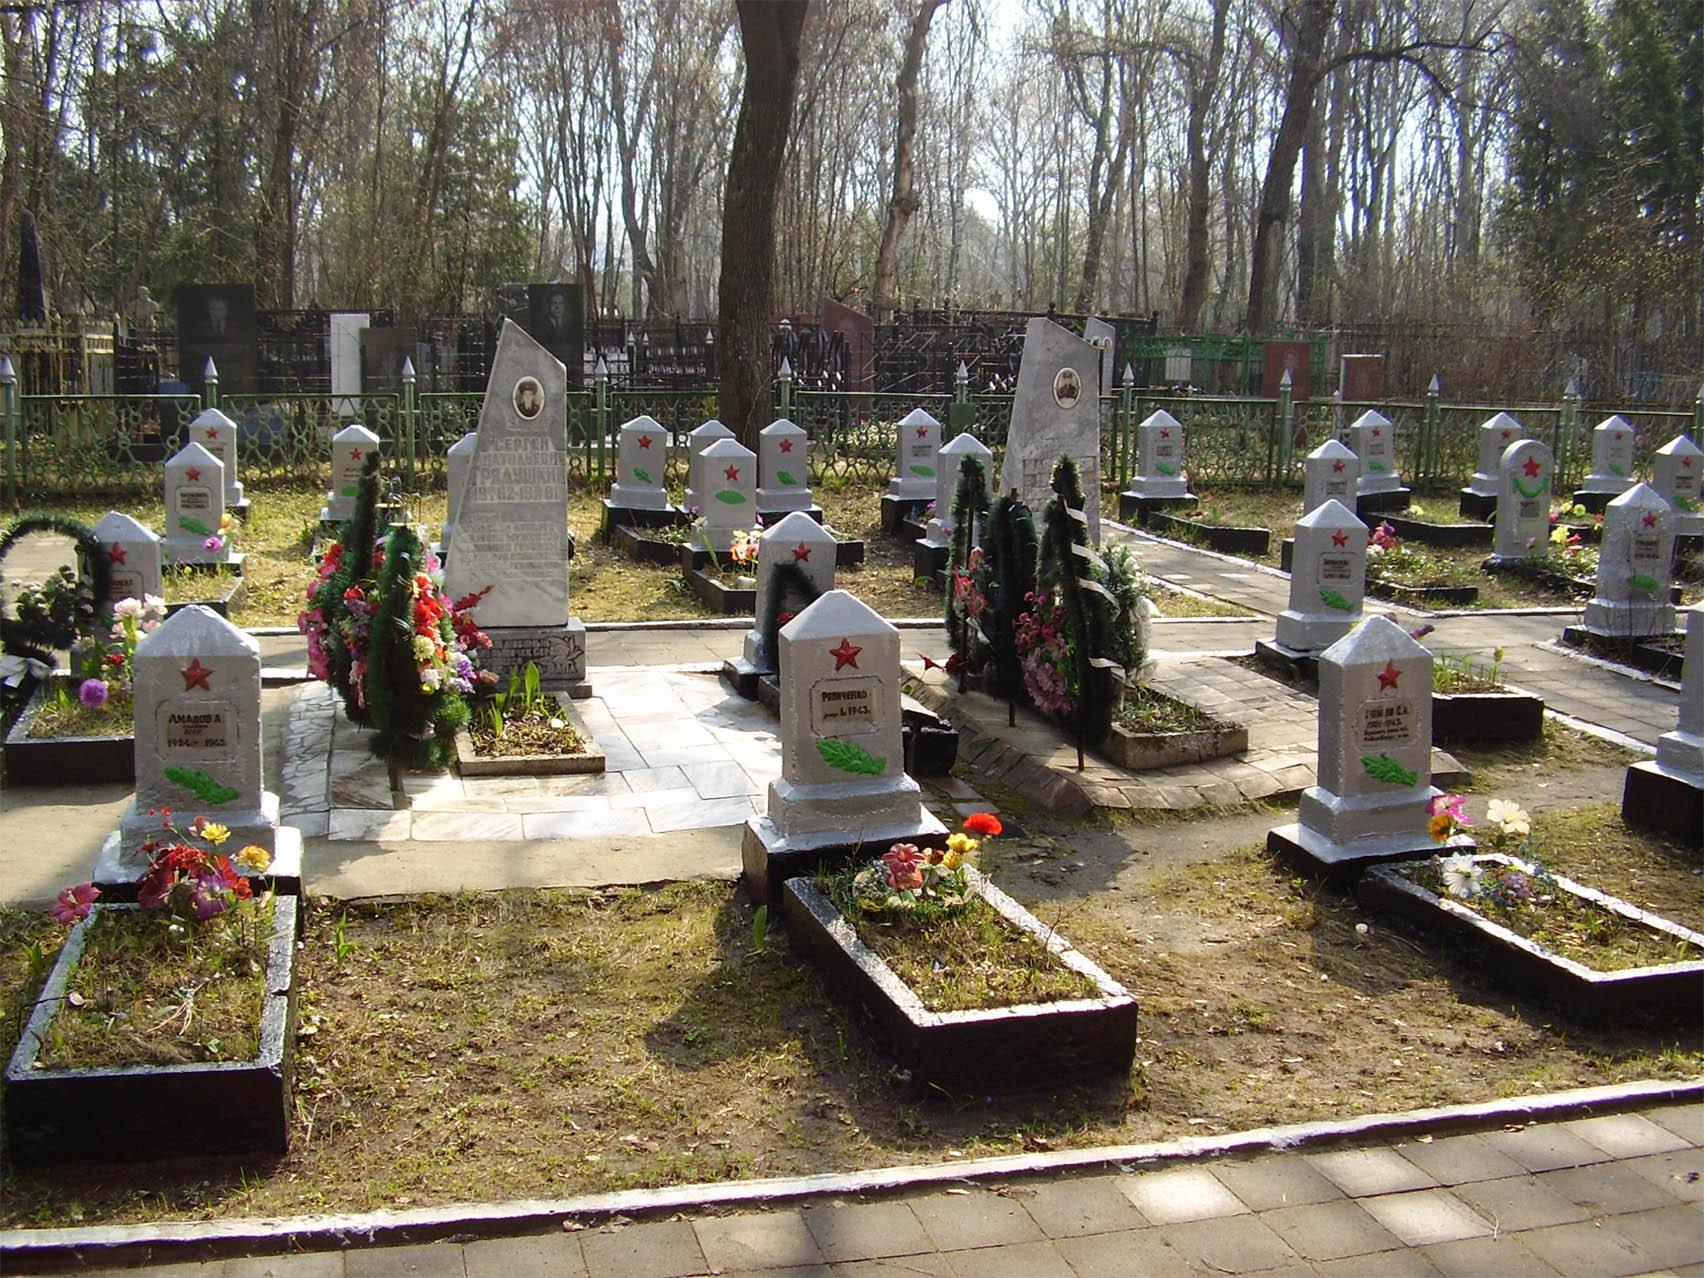 """Глава института РАН предложил дать избирательное право погибшим в ВОВ: """"Таким образом они смогли бы влиять на текущие дела в стране"""" - Цензор.НЕТ 7803"""